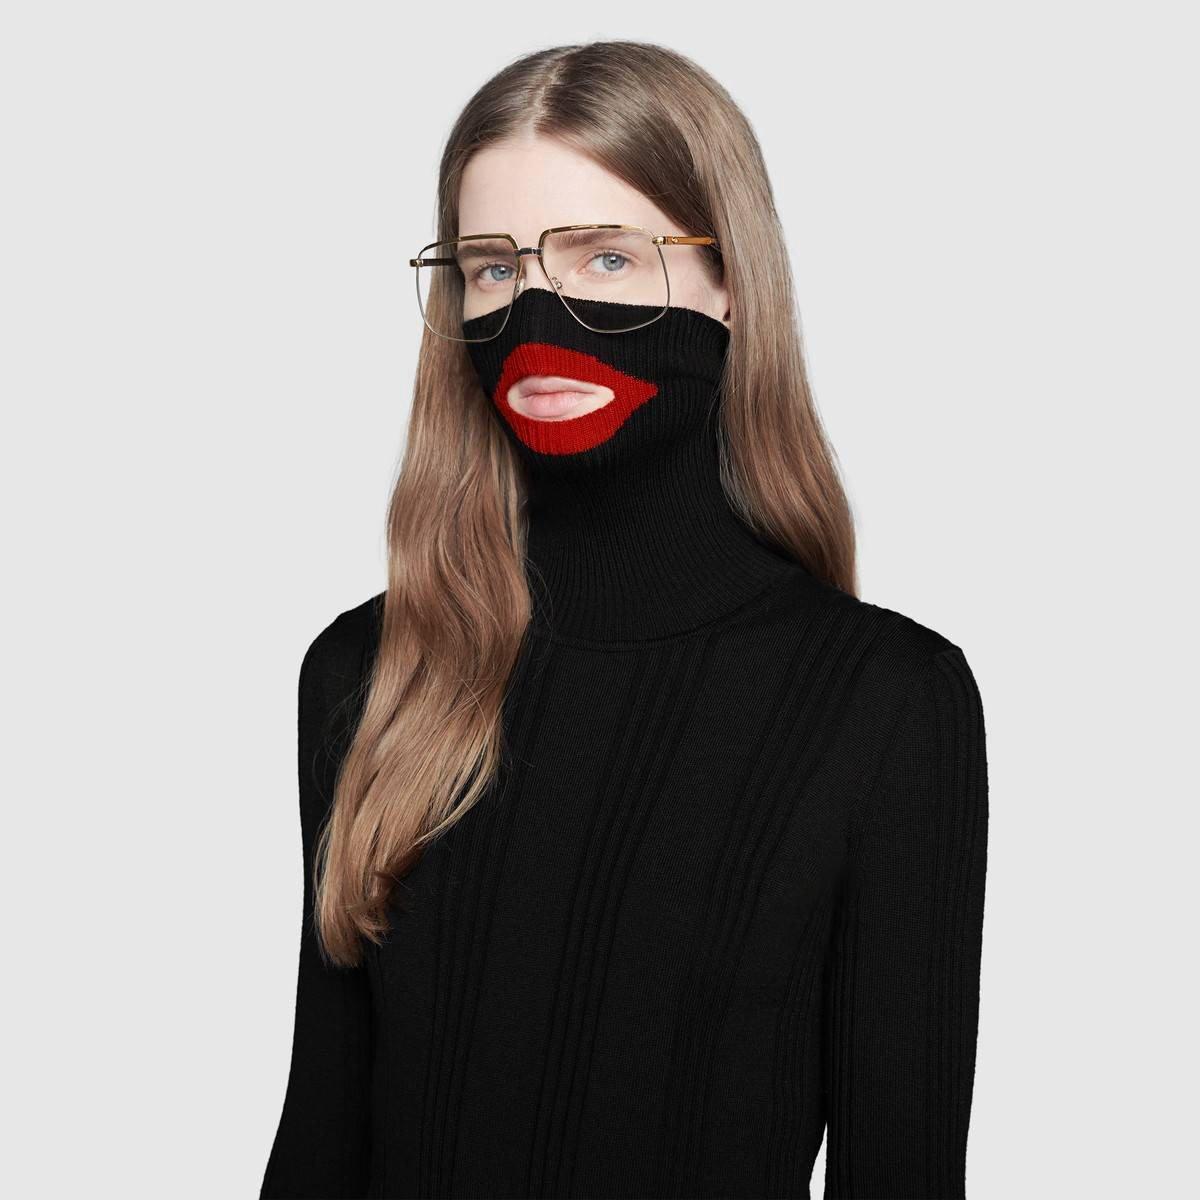 Peça da Gucci / Reprodução